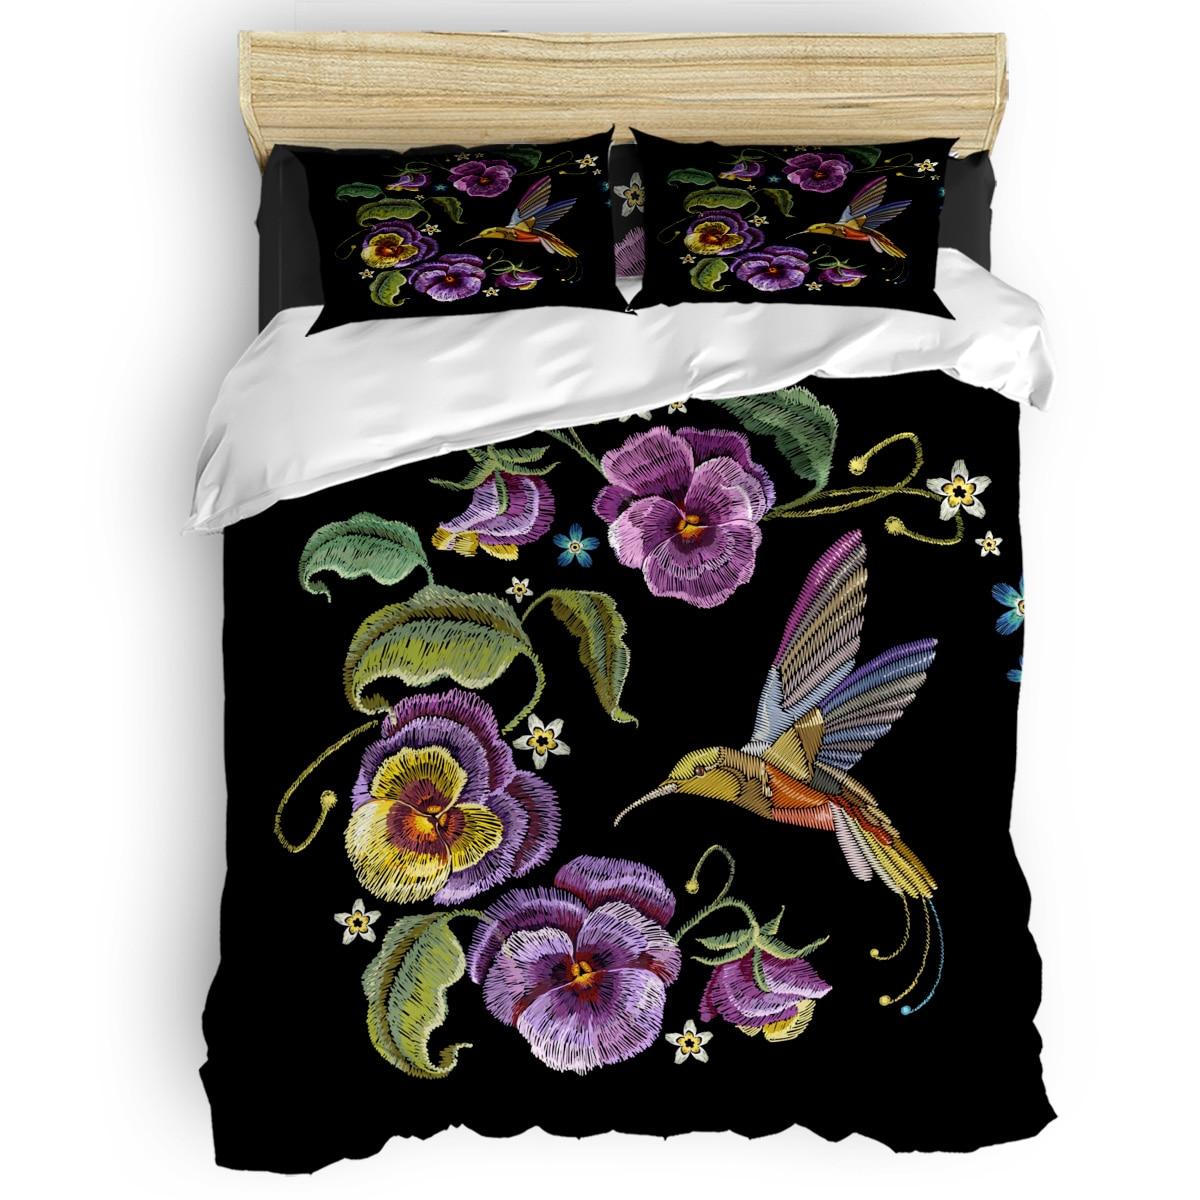 Juego de cama con diseño de colibrí de flores y animales de 4 uds, juego de cama para el hogar, juego de colcha de lujo